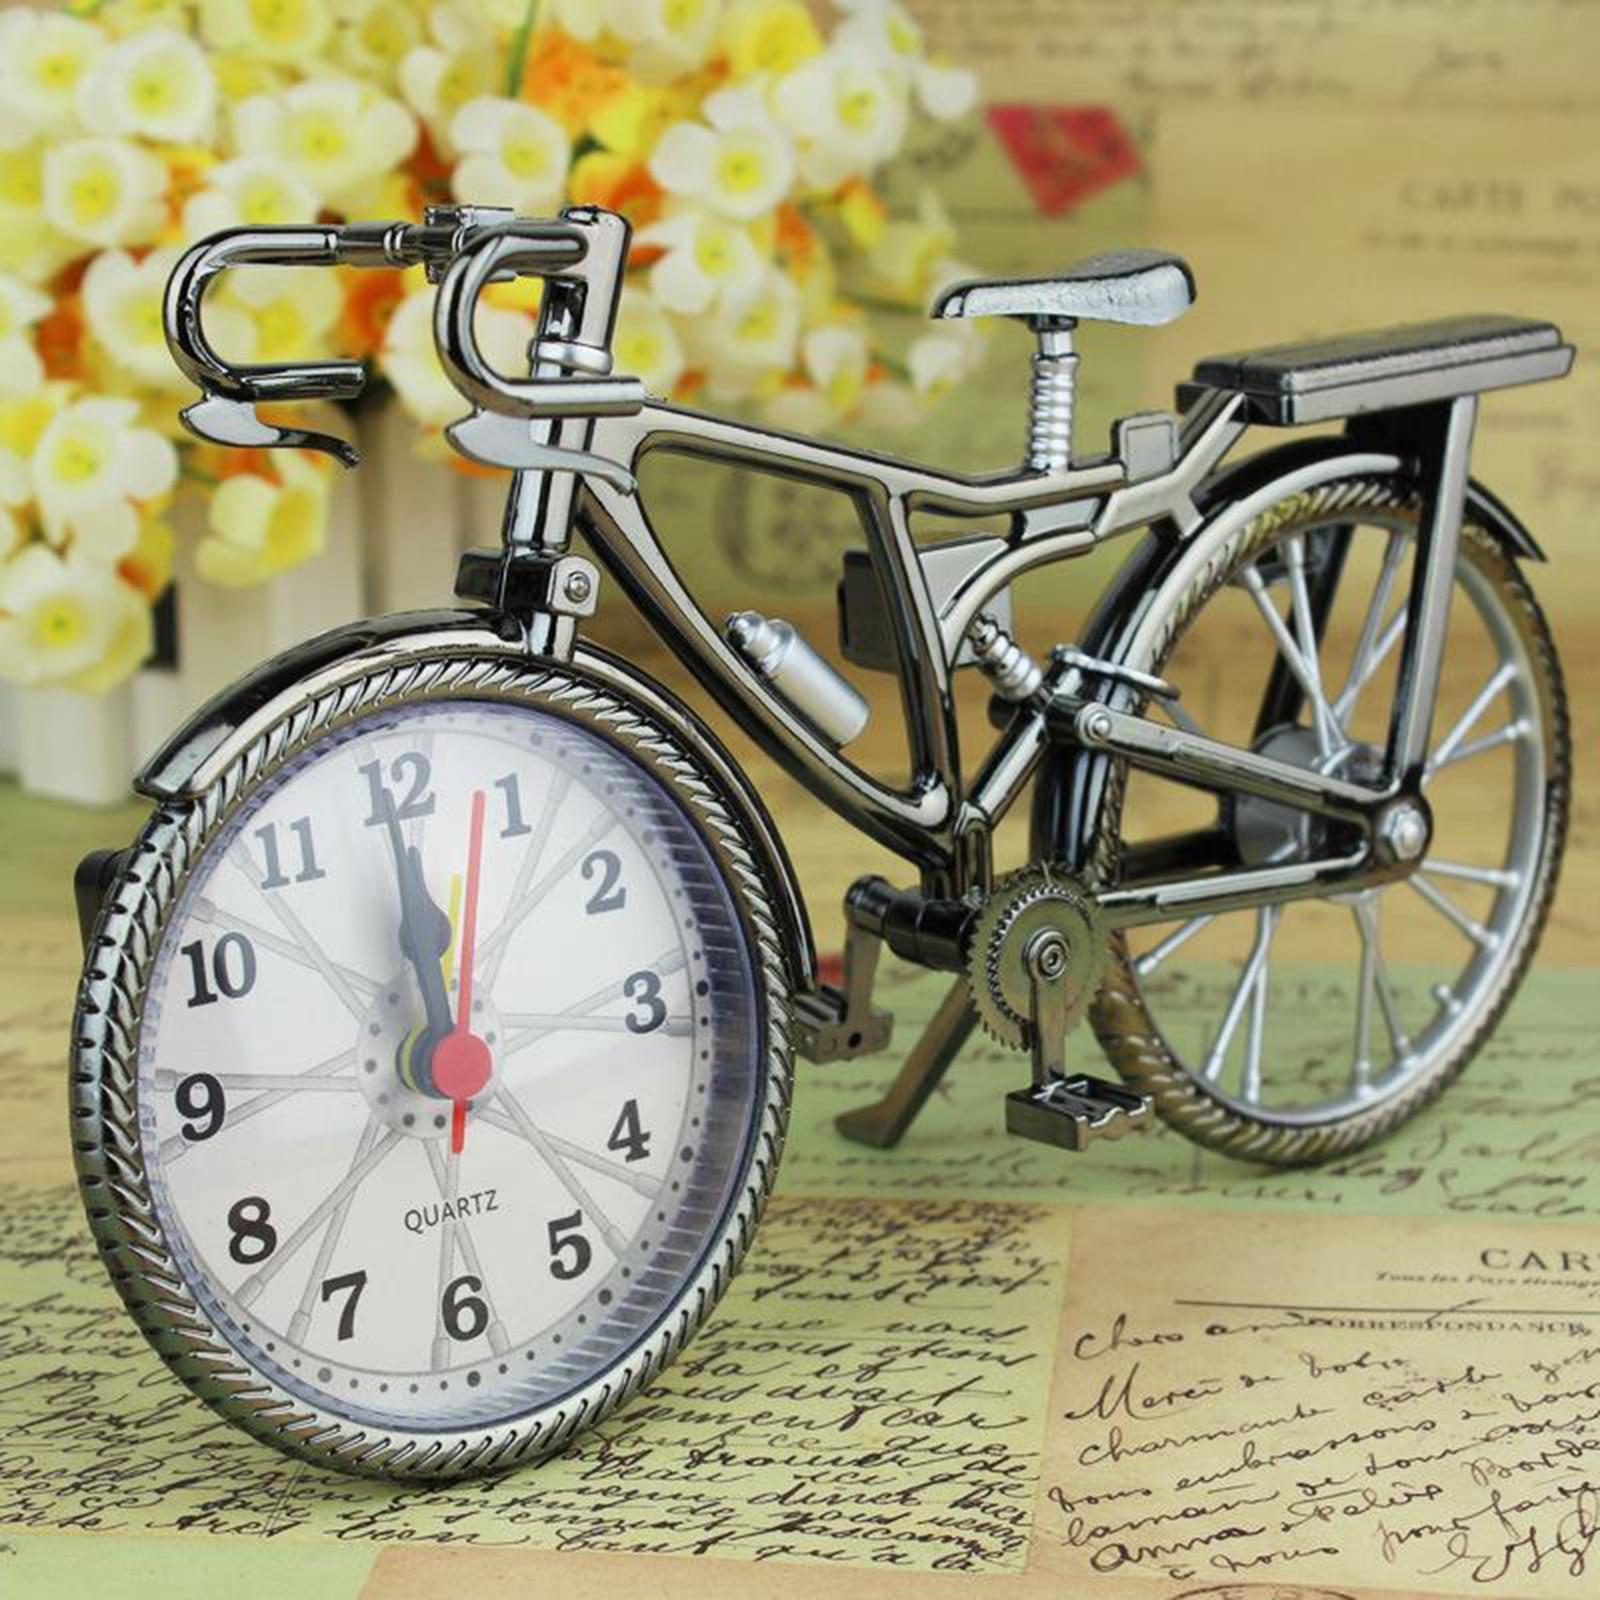 Home Decor Retro Bicycle Alarm Clock Arabic Numeral Bicycle Alarm Clock